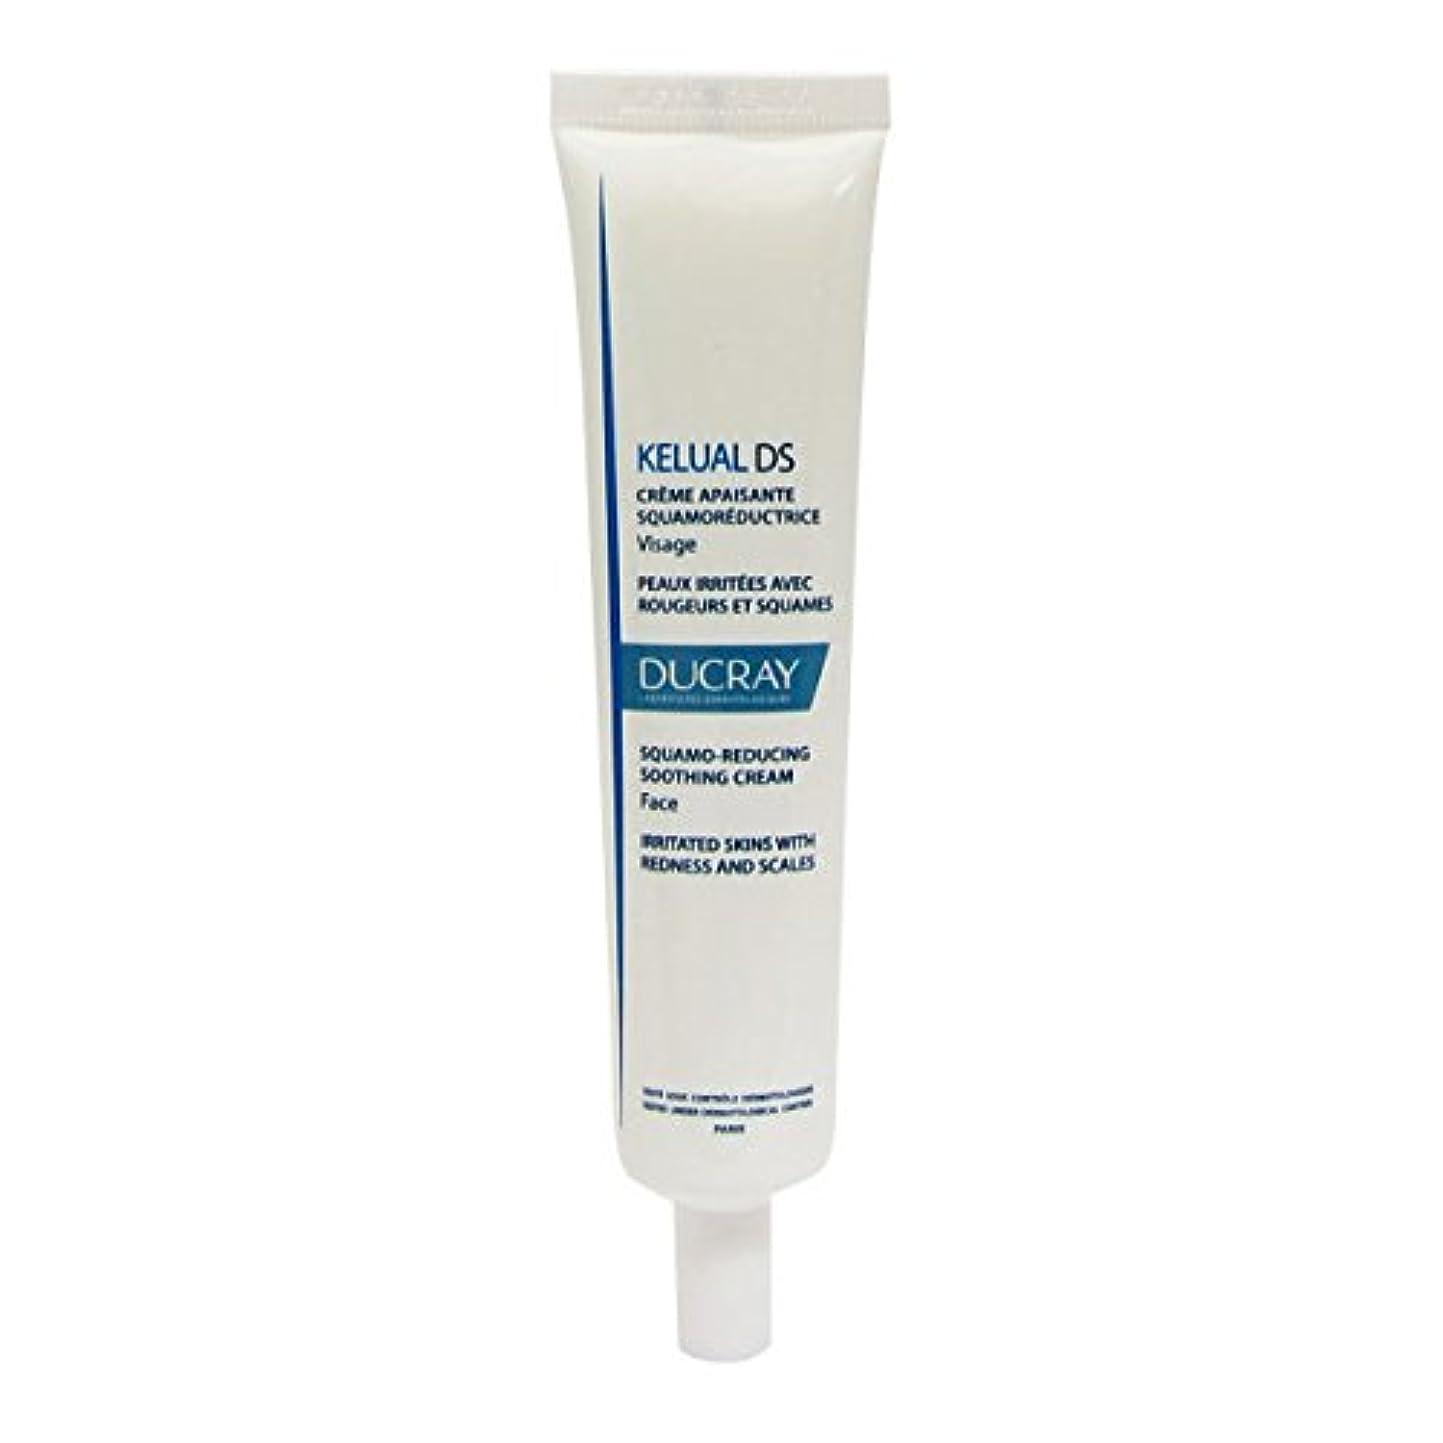 スタウトアクセシブルベンチャーDucray Kelual Ds Cream 40ml [並行輸入品]